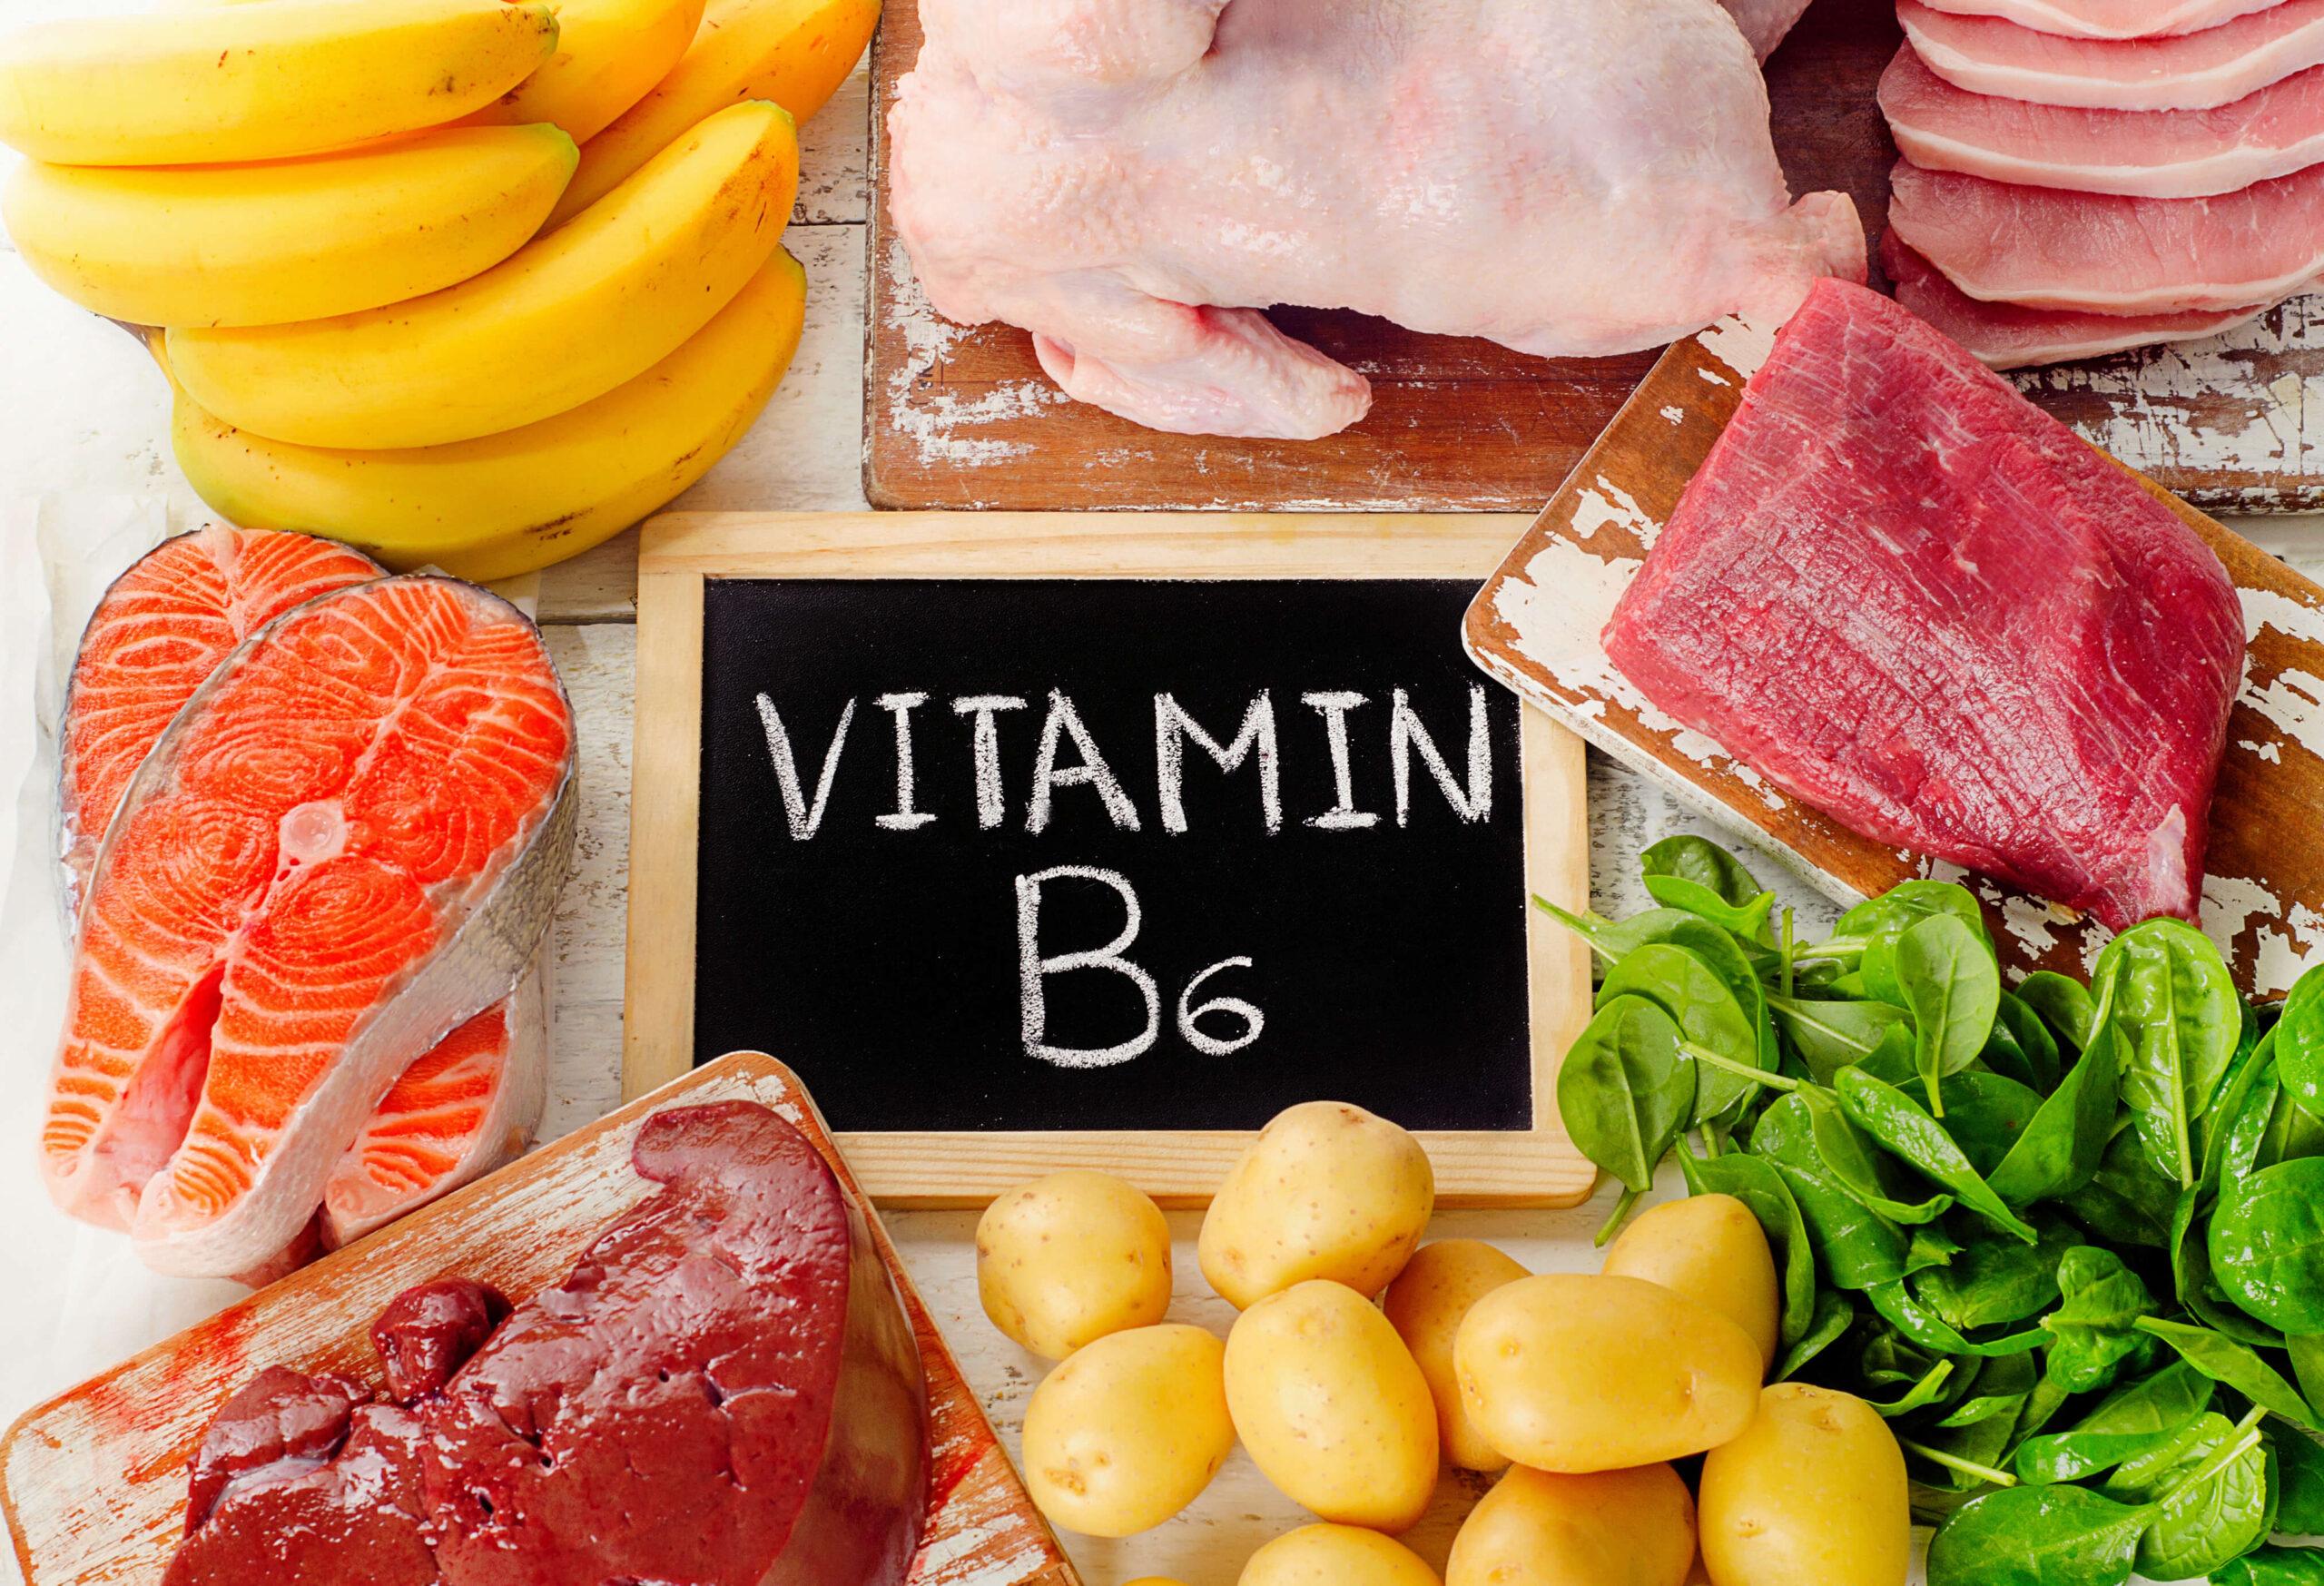 B Vitamini Nedir? B Vitamini İçeren Besinler Nelerdir?